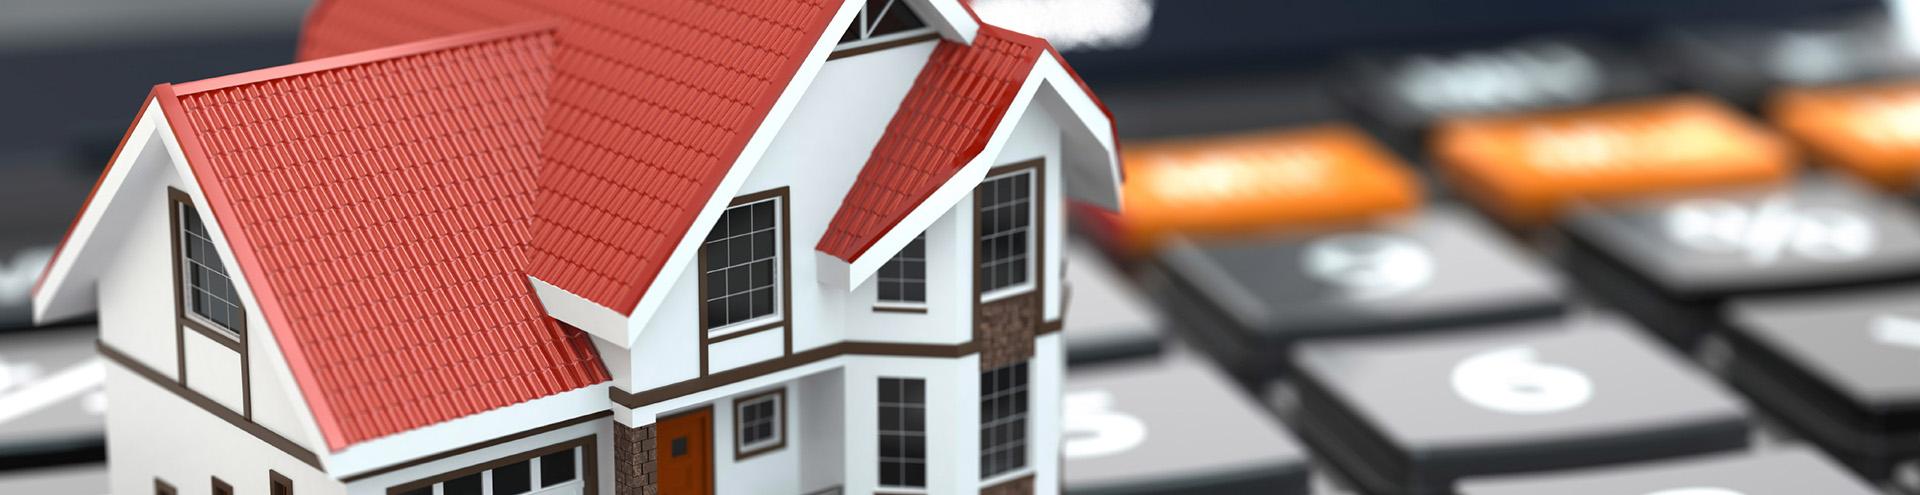 Оспаривание кадастровой стоимости недвижимости в Астрахани и Астраханской области